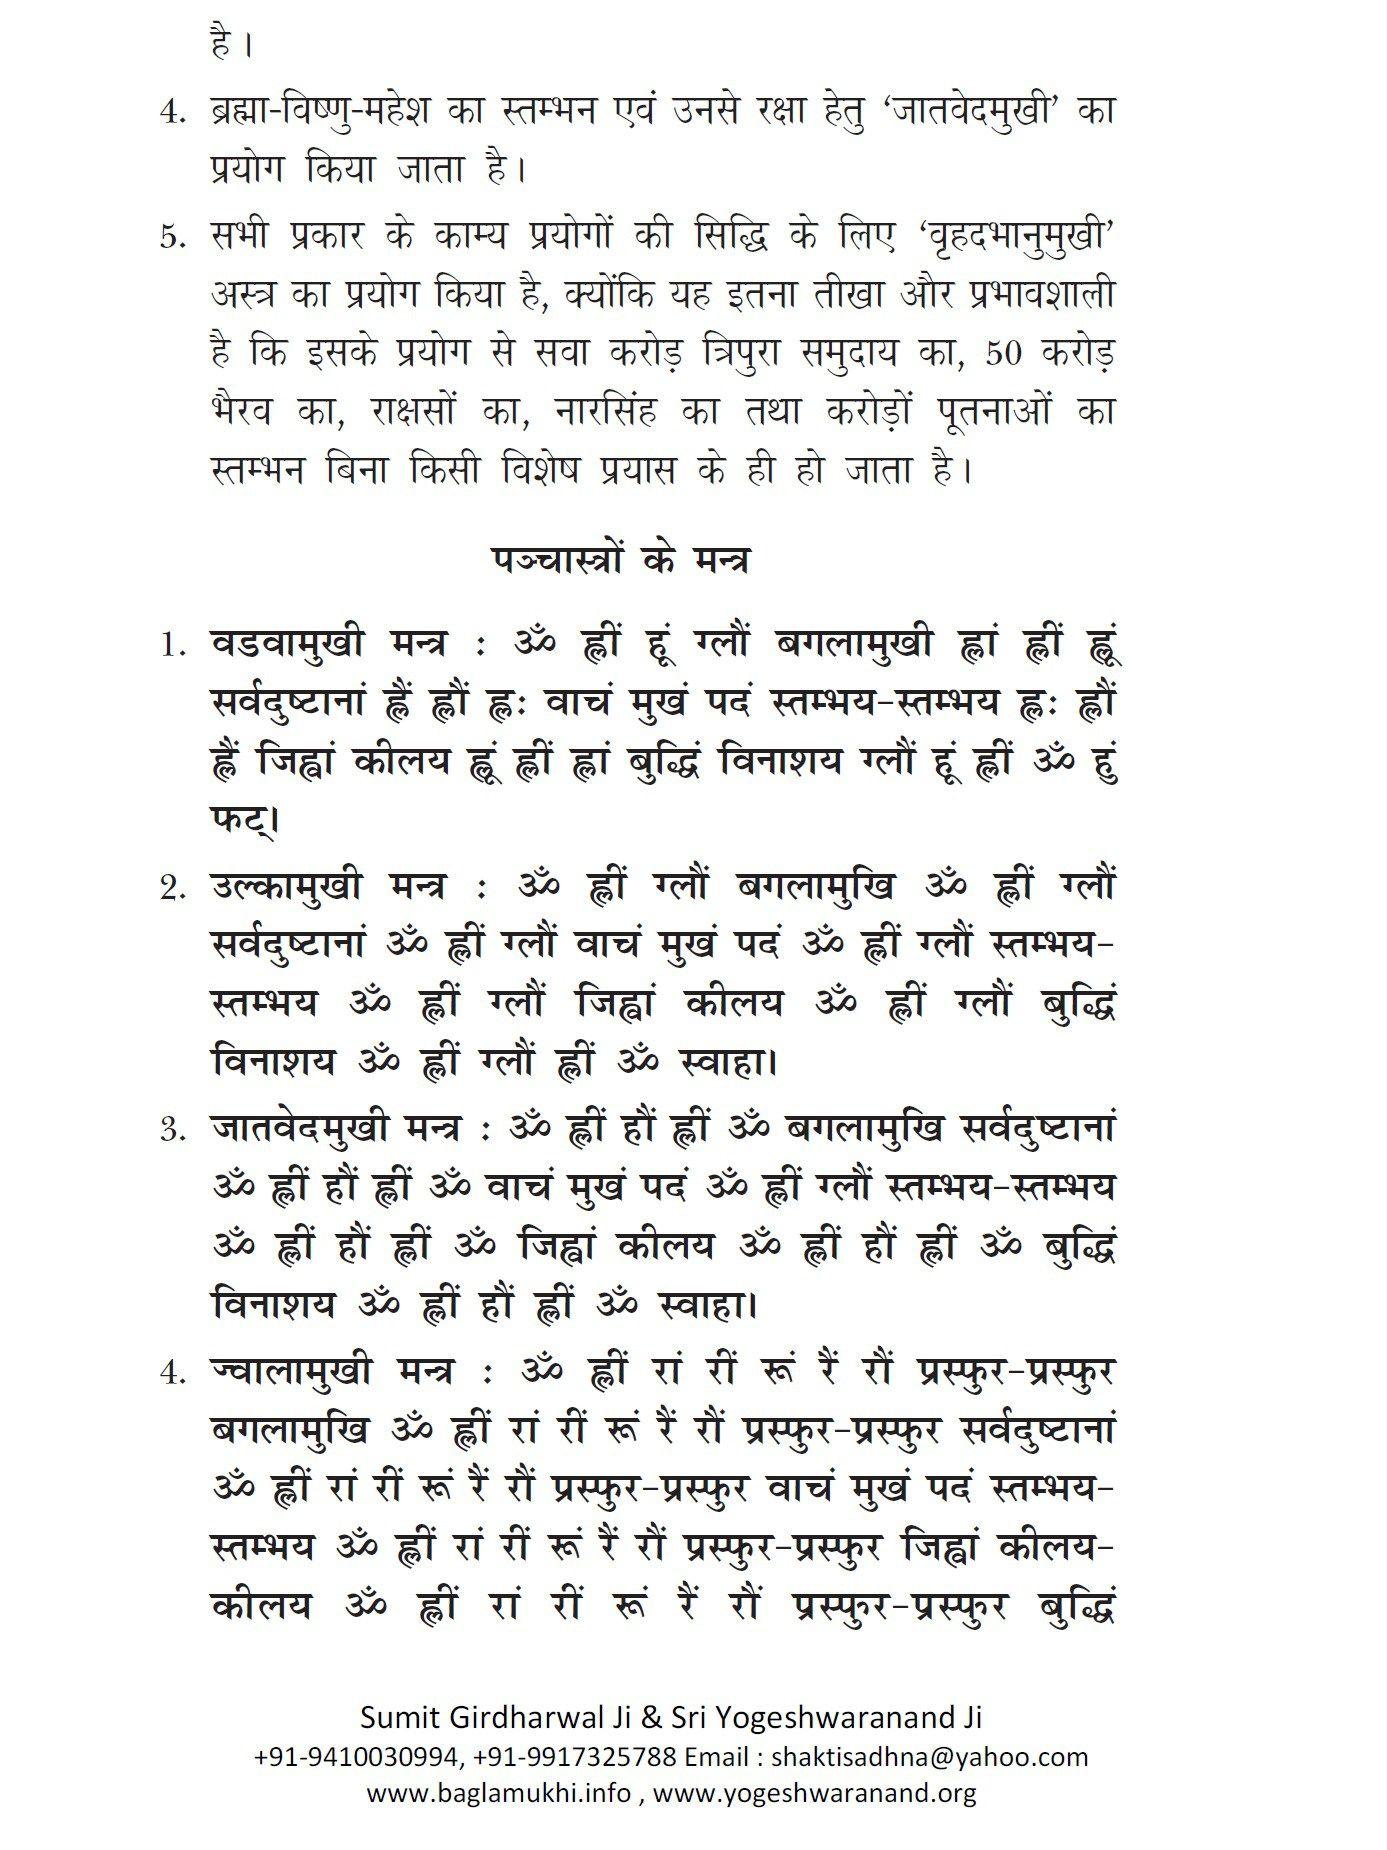 Baglamukhi Panchastra Mantra Hindi & Sanskrit Pdf Image